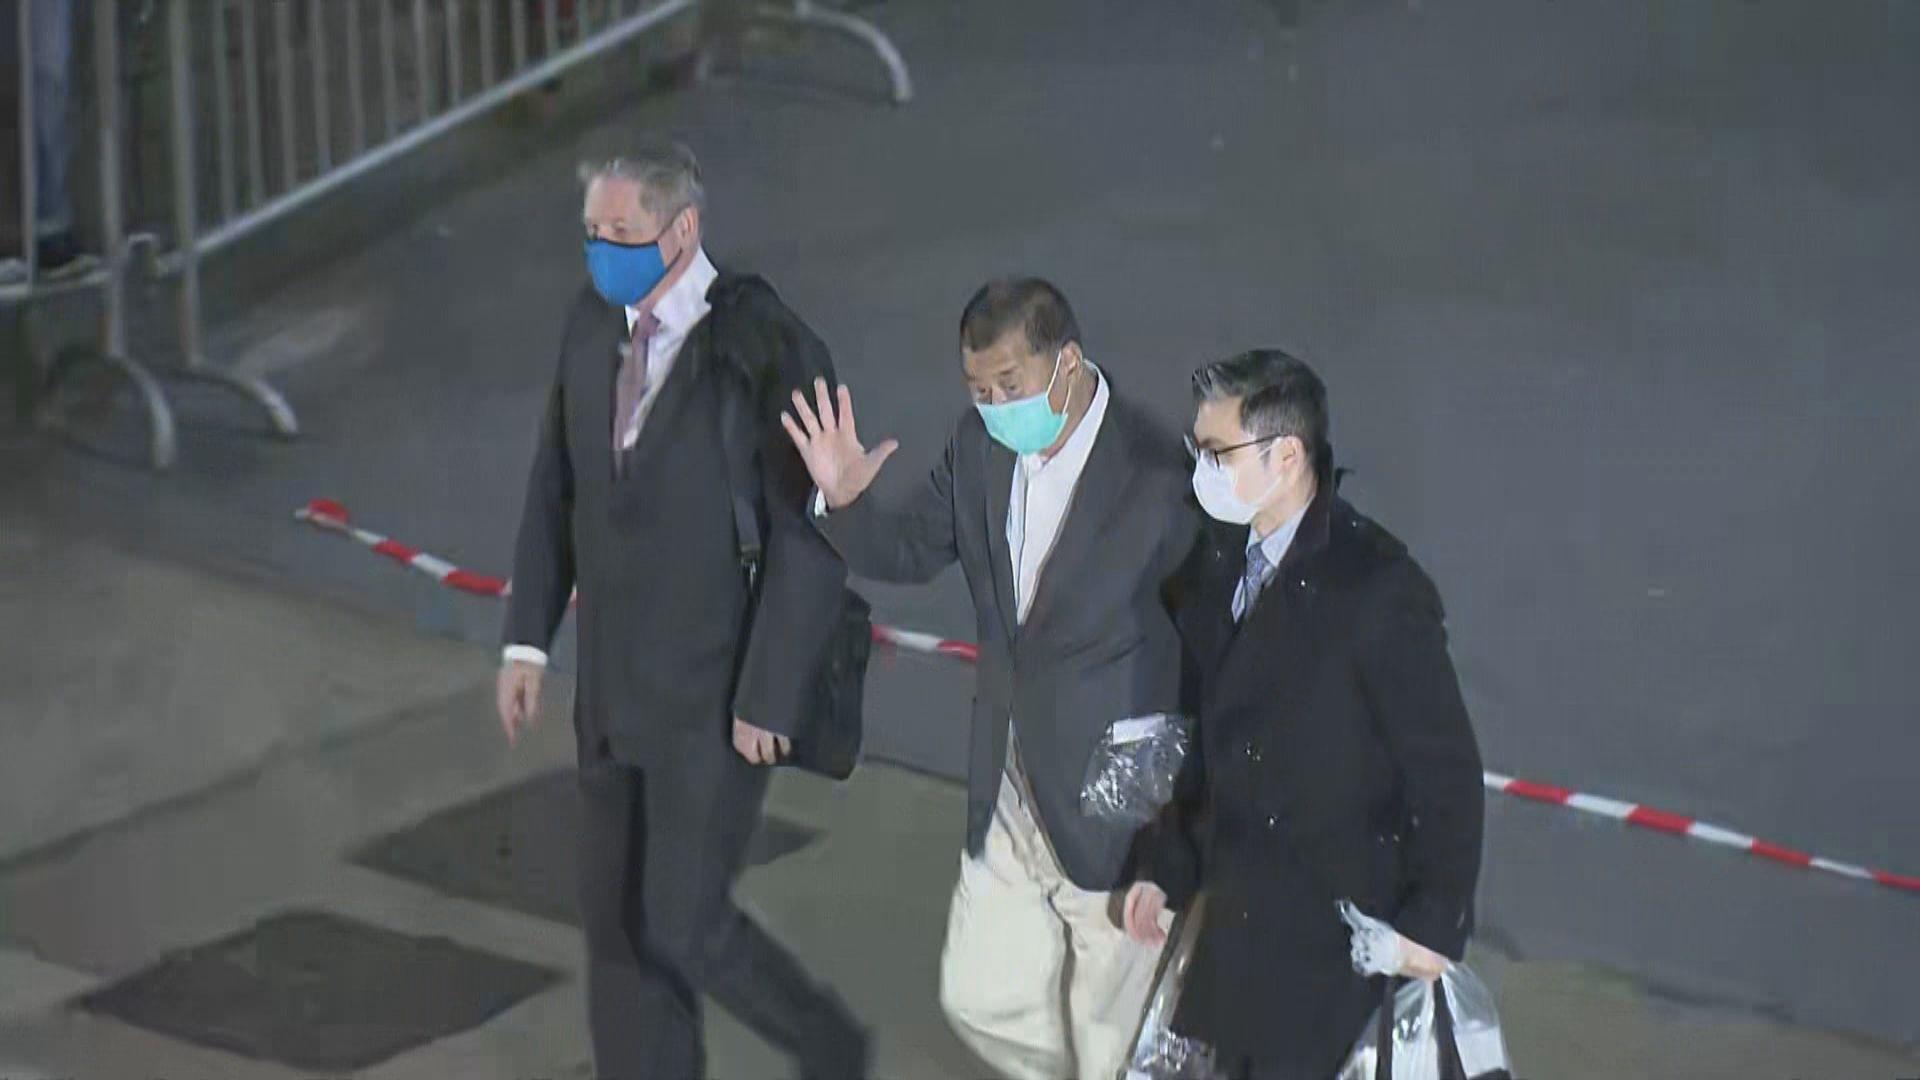 黎智英獲准保釋 晚上離開高等法院